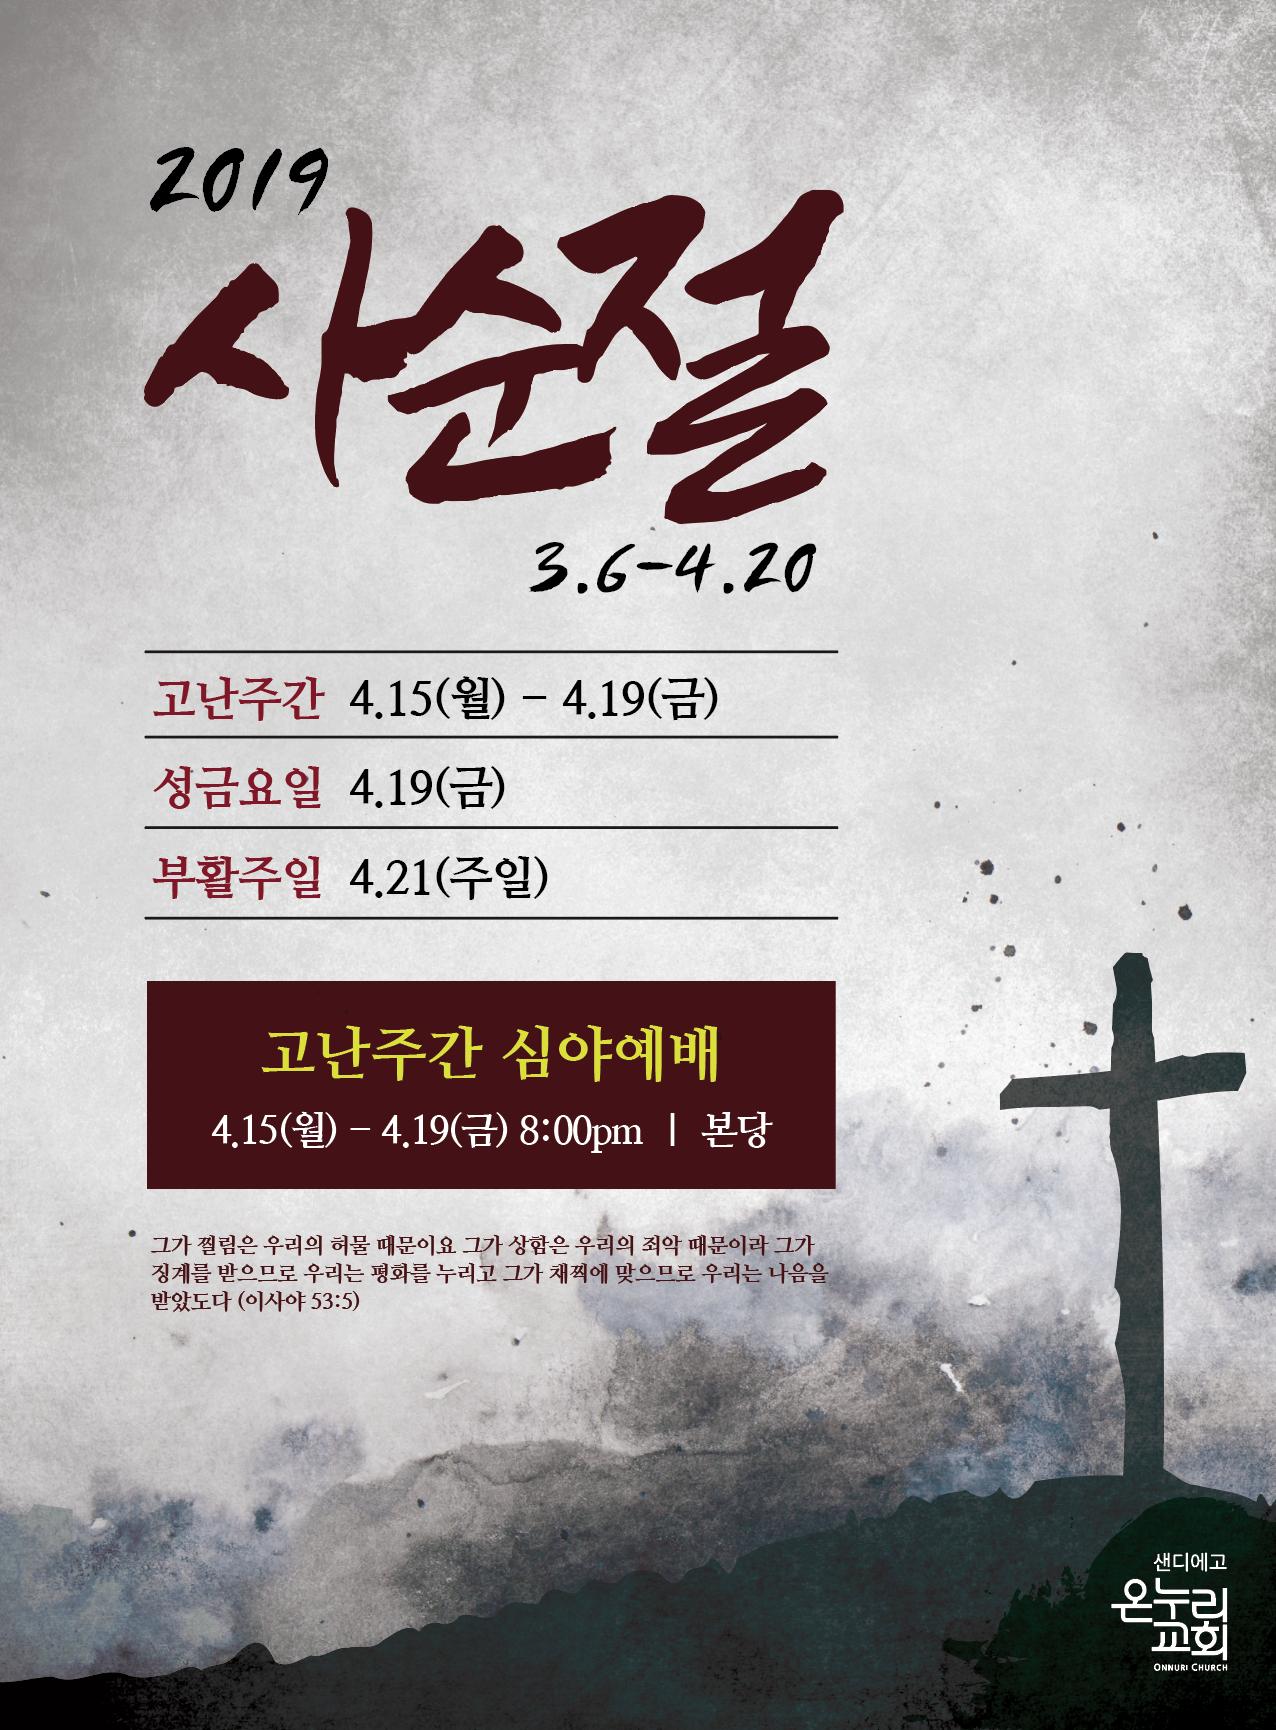 2019 사순절 포스터